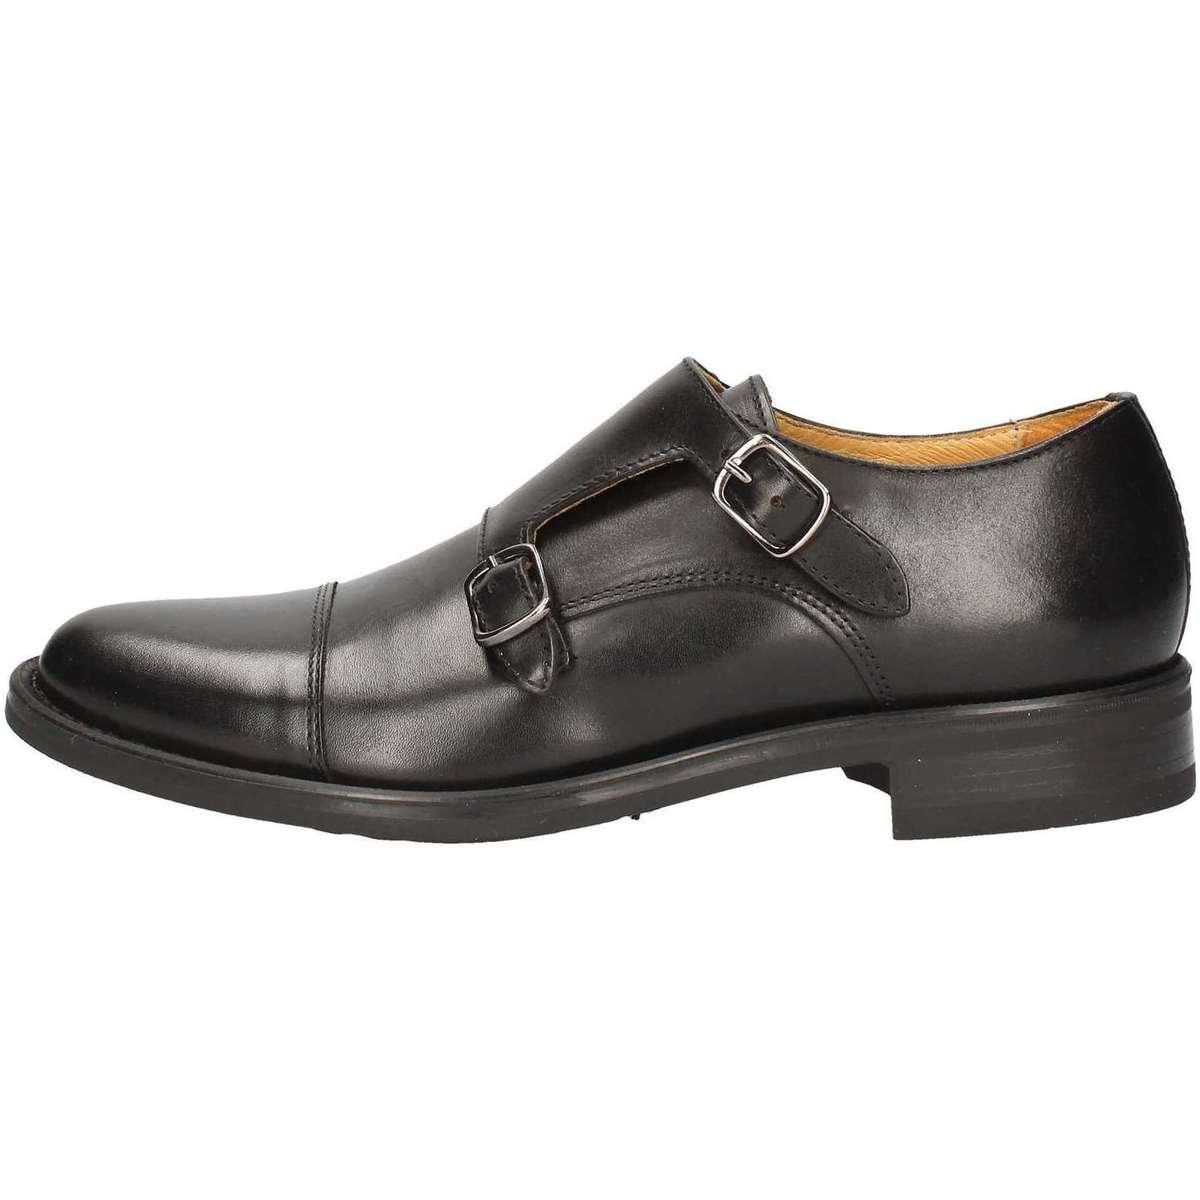 Hudson 320 Lace up shoes Mann Schwarz Schwarz - Schuhe Derby-Schuhe Herren 84,20 €